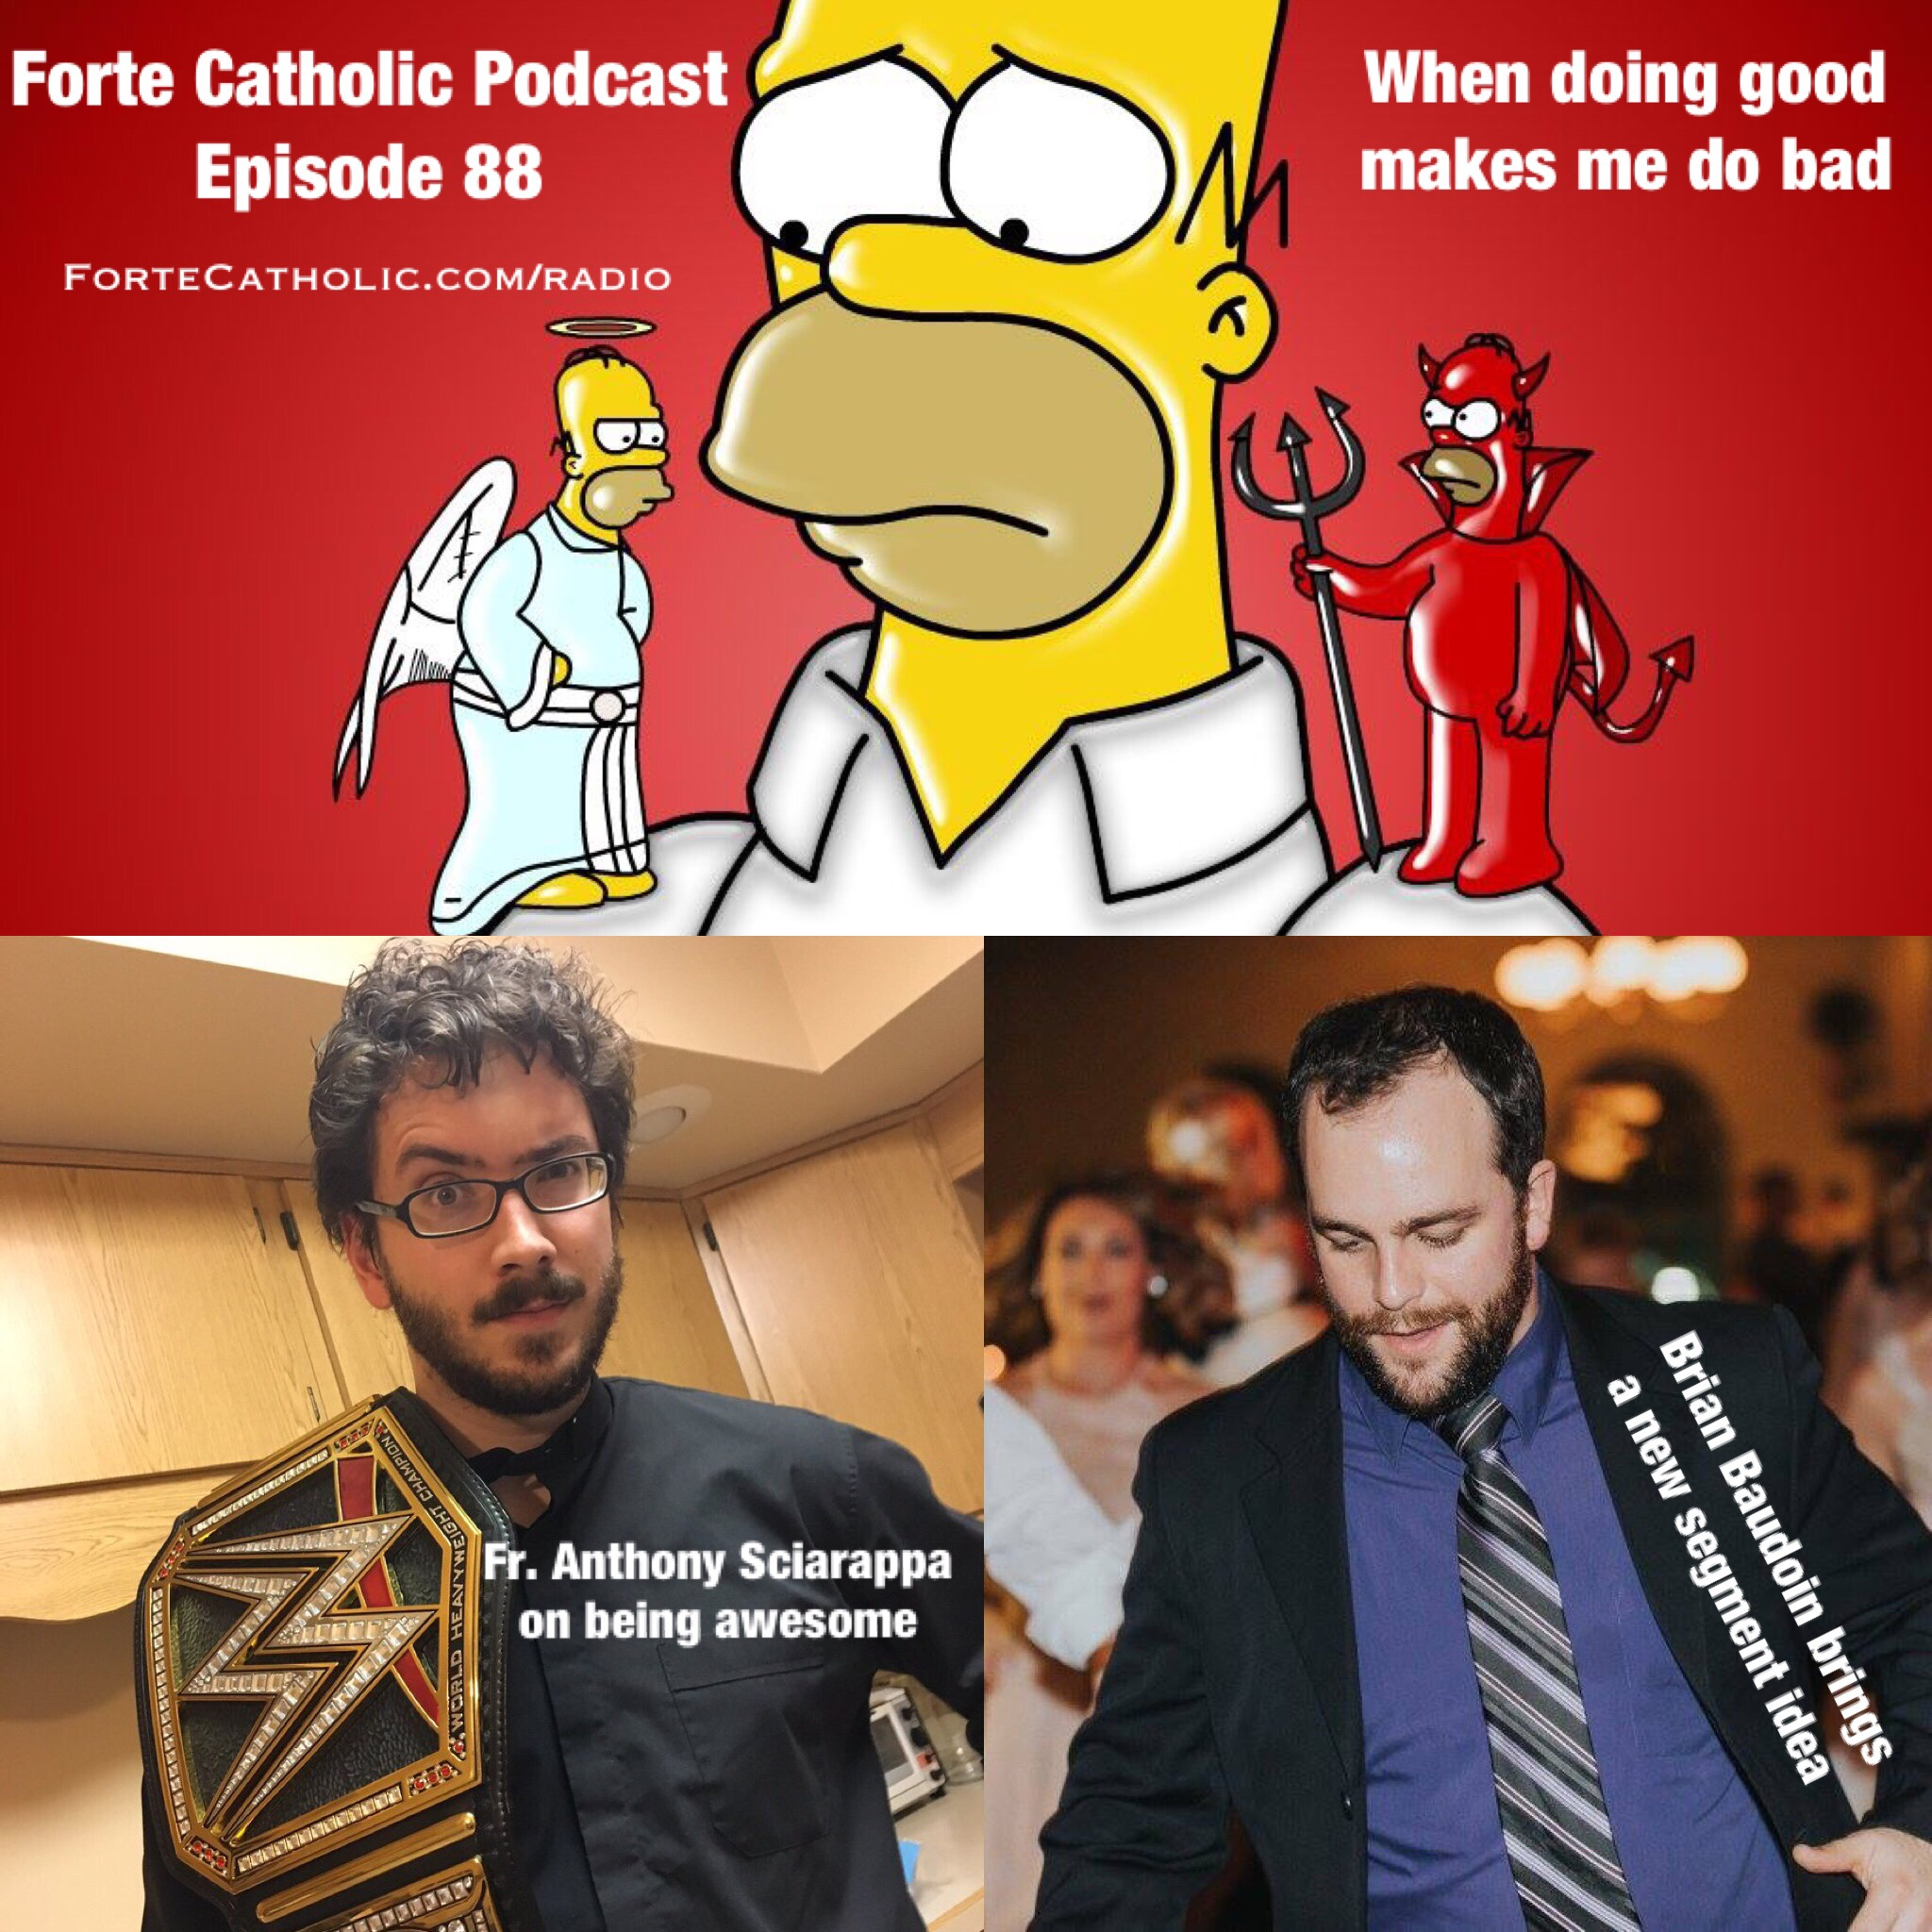 Forte Catholic Podcast Episode 88